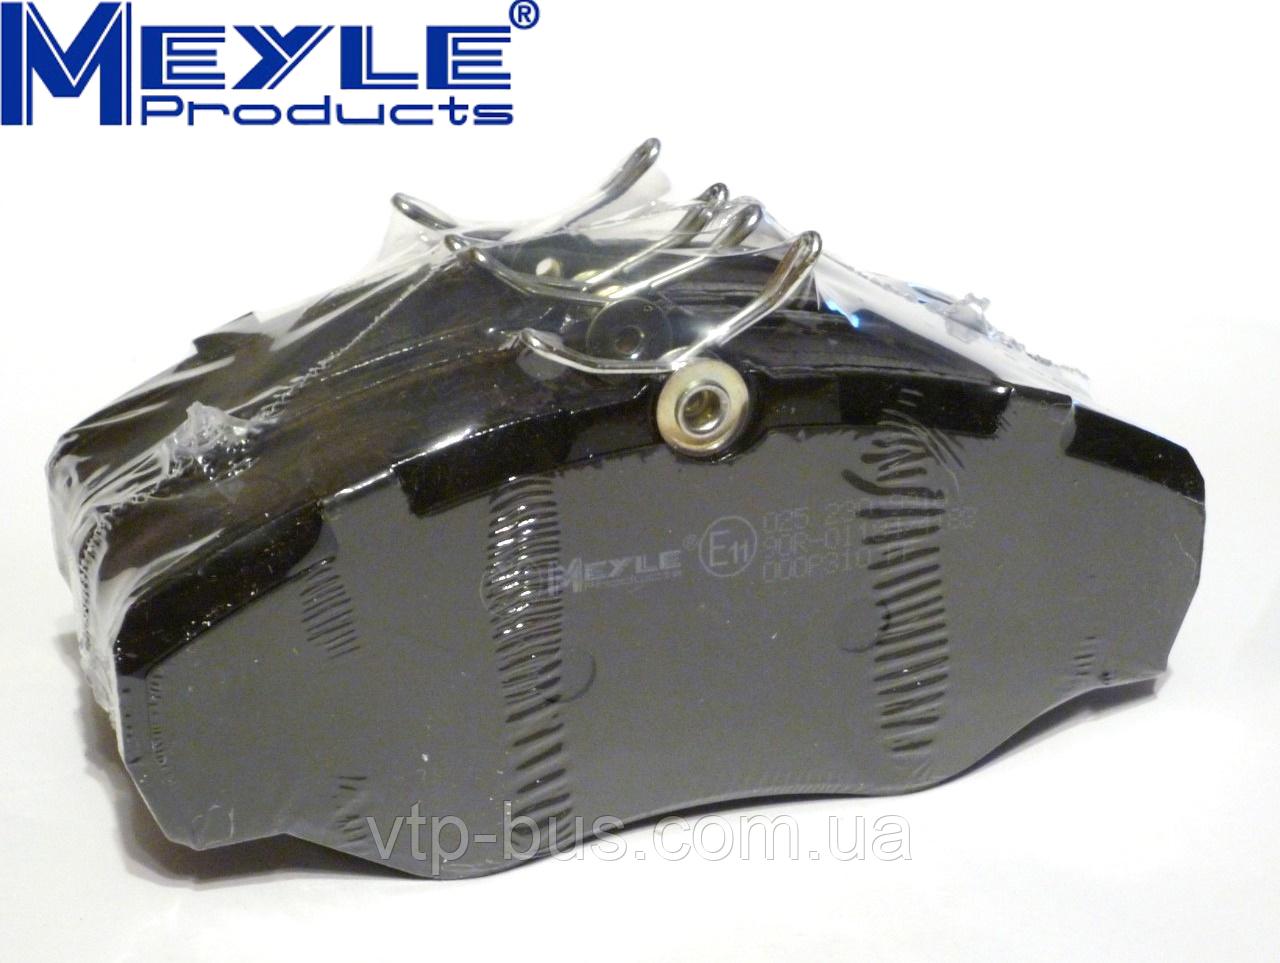 Гальмівні колодки передні на Renault Trafic / Opel Vivaro з 2001... Meyle (Німеччина) MY0252309918